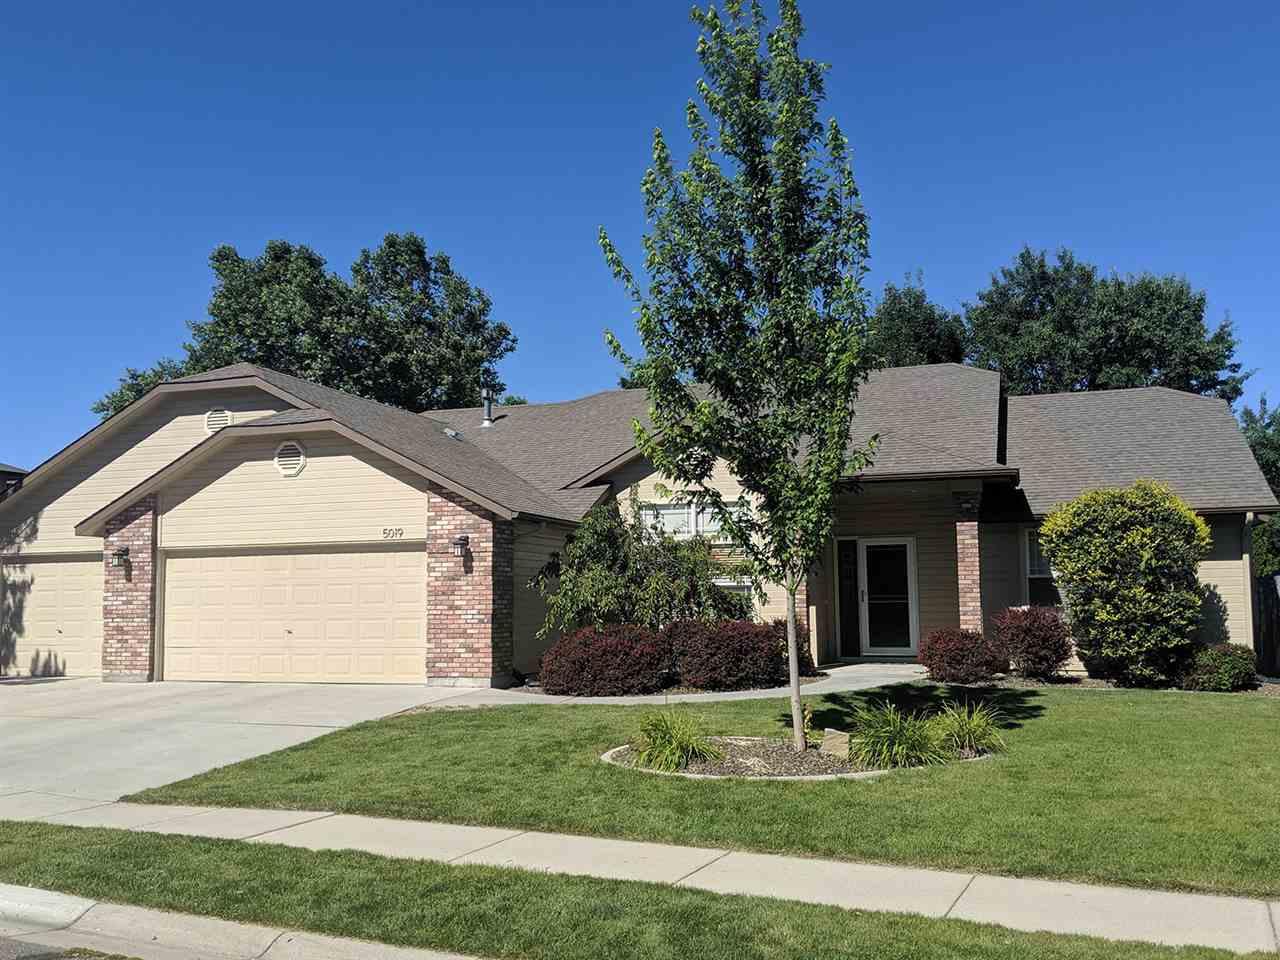 5019 N Maidstone Way, Boise ID 83706